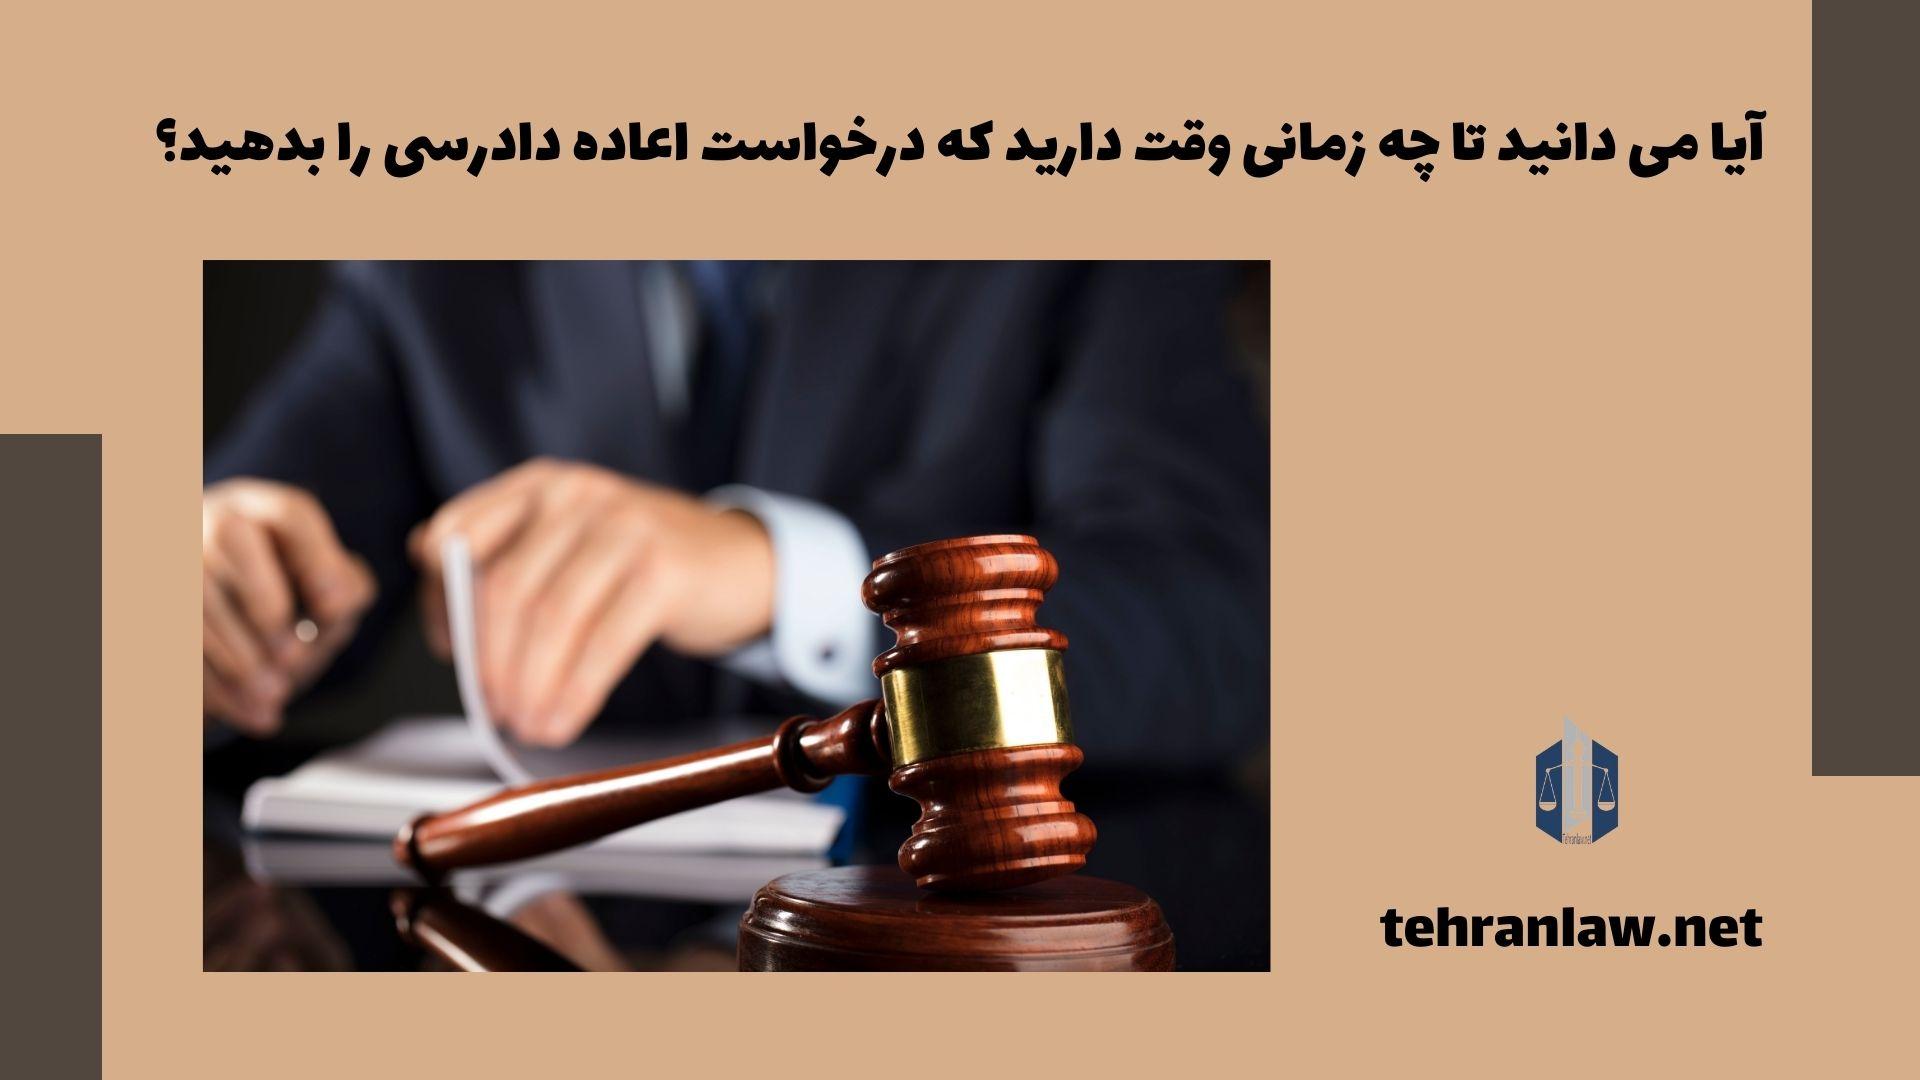 آیا می دانید، تا چه زمانی وقت دارید که درخواست اعاده دادرسی را بدهید؟